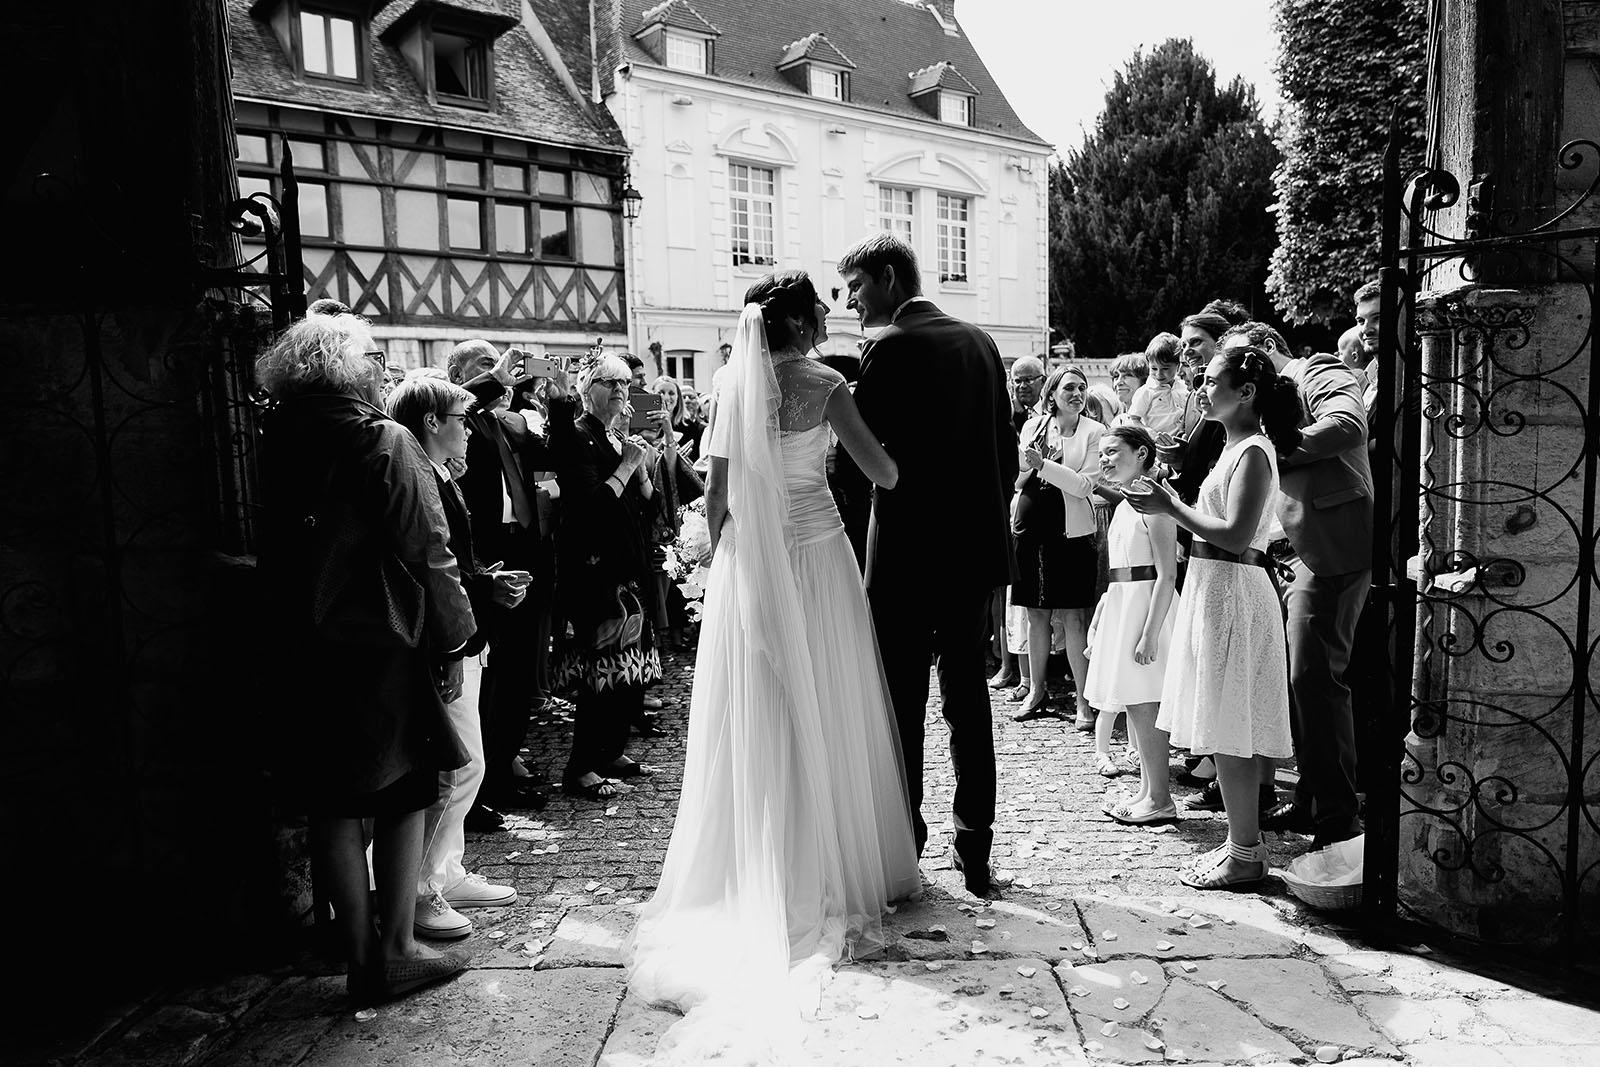 Mariage au Manoir de Corny en Normandie. Les mariés à la sortie de l'église aux Andelys